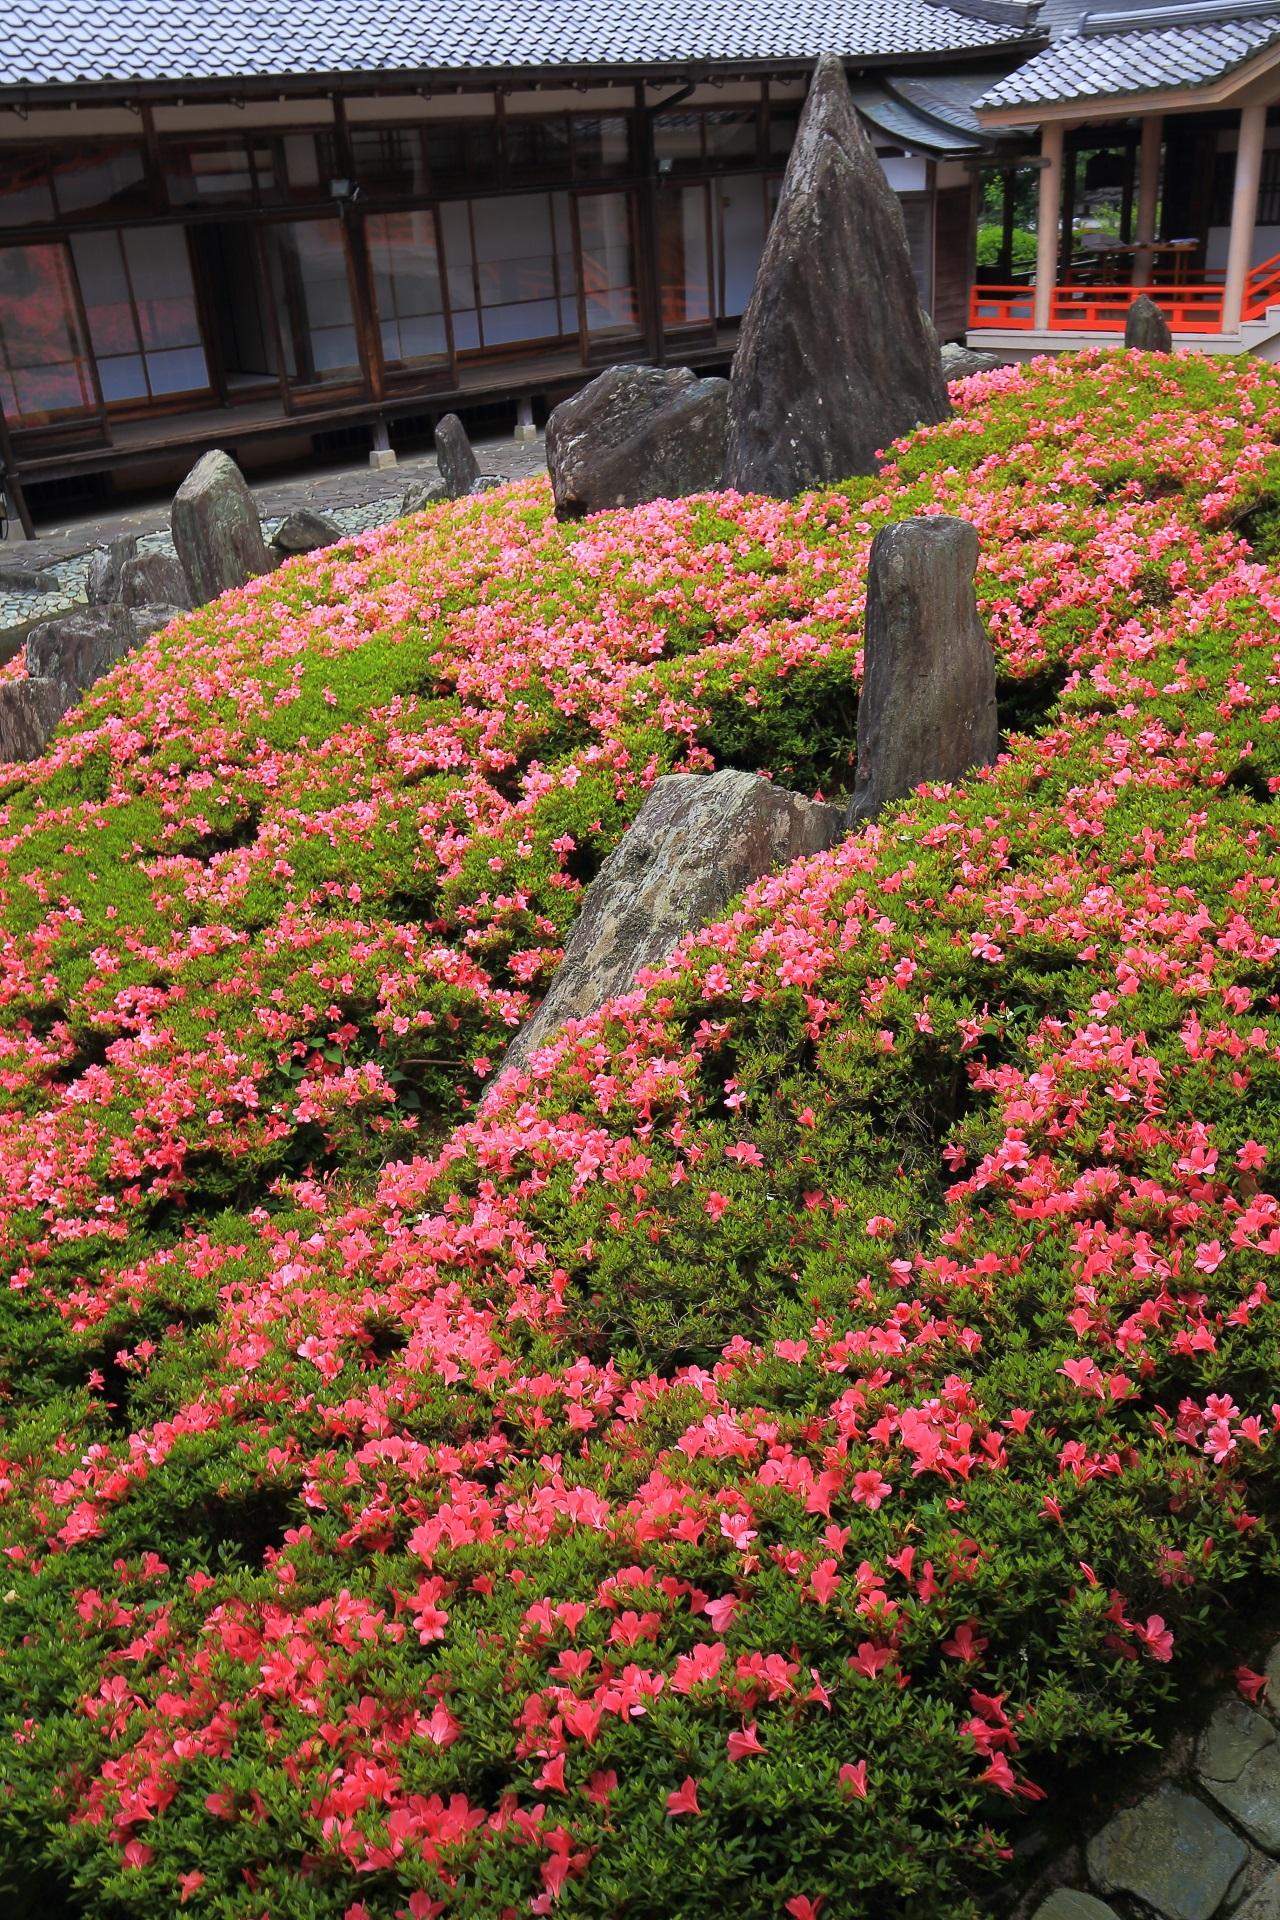 力強い岩も印象的な庭園の緑とピンクの綺麗なコントラスト